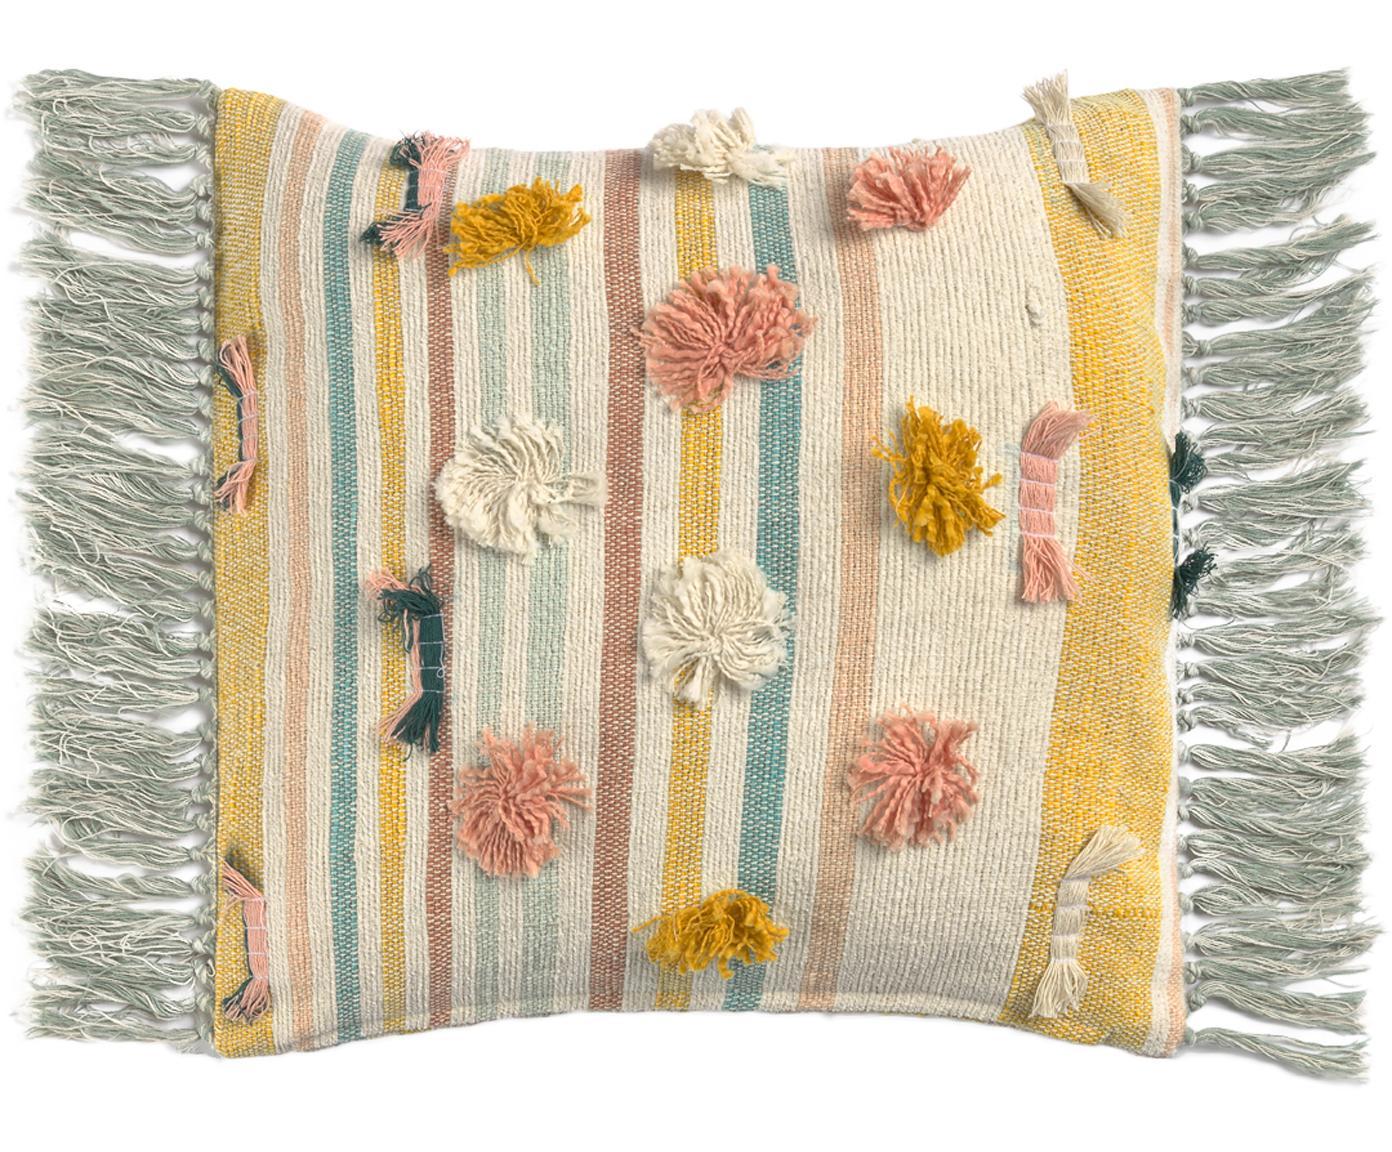 Wendekissenhülle Colors, 100% Baumwolle, Mehrfarbig, 45 x 45 cm